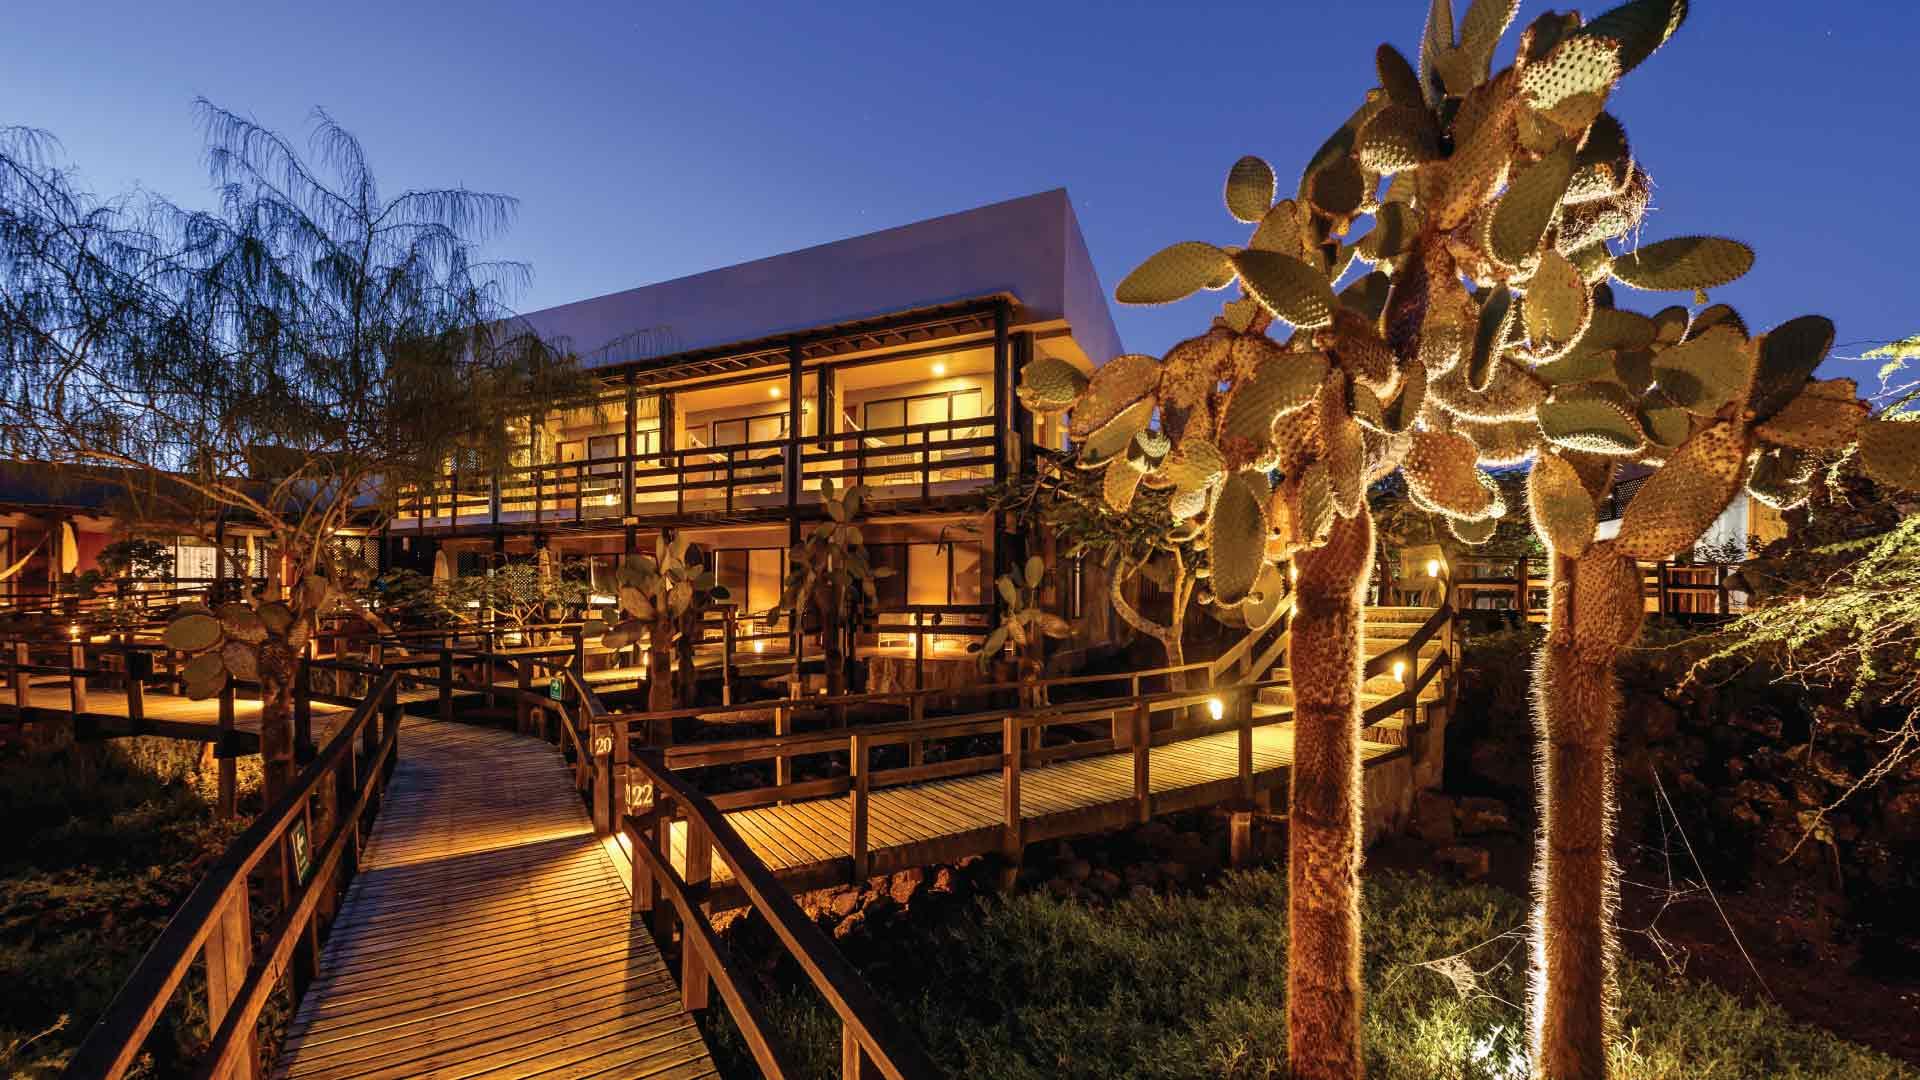 finch-bay-hotel-in-galapagos-islands-archipelago